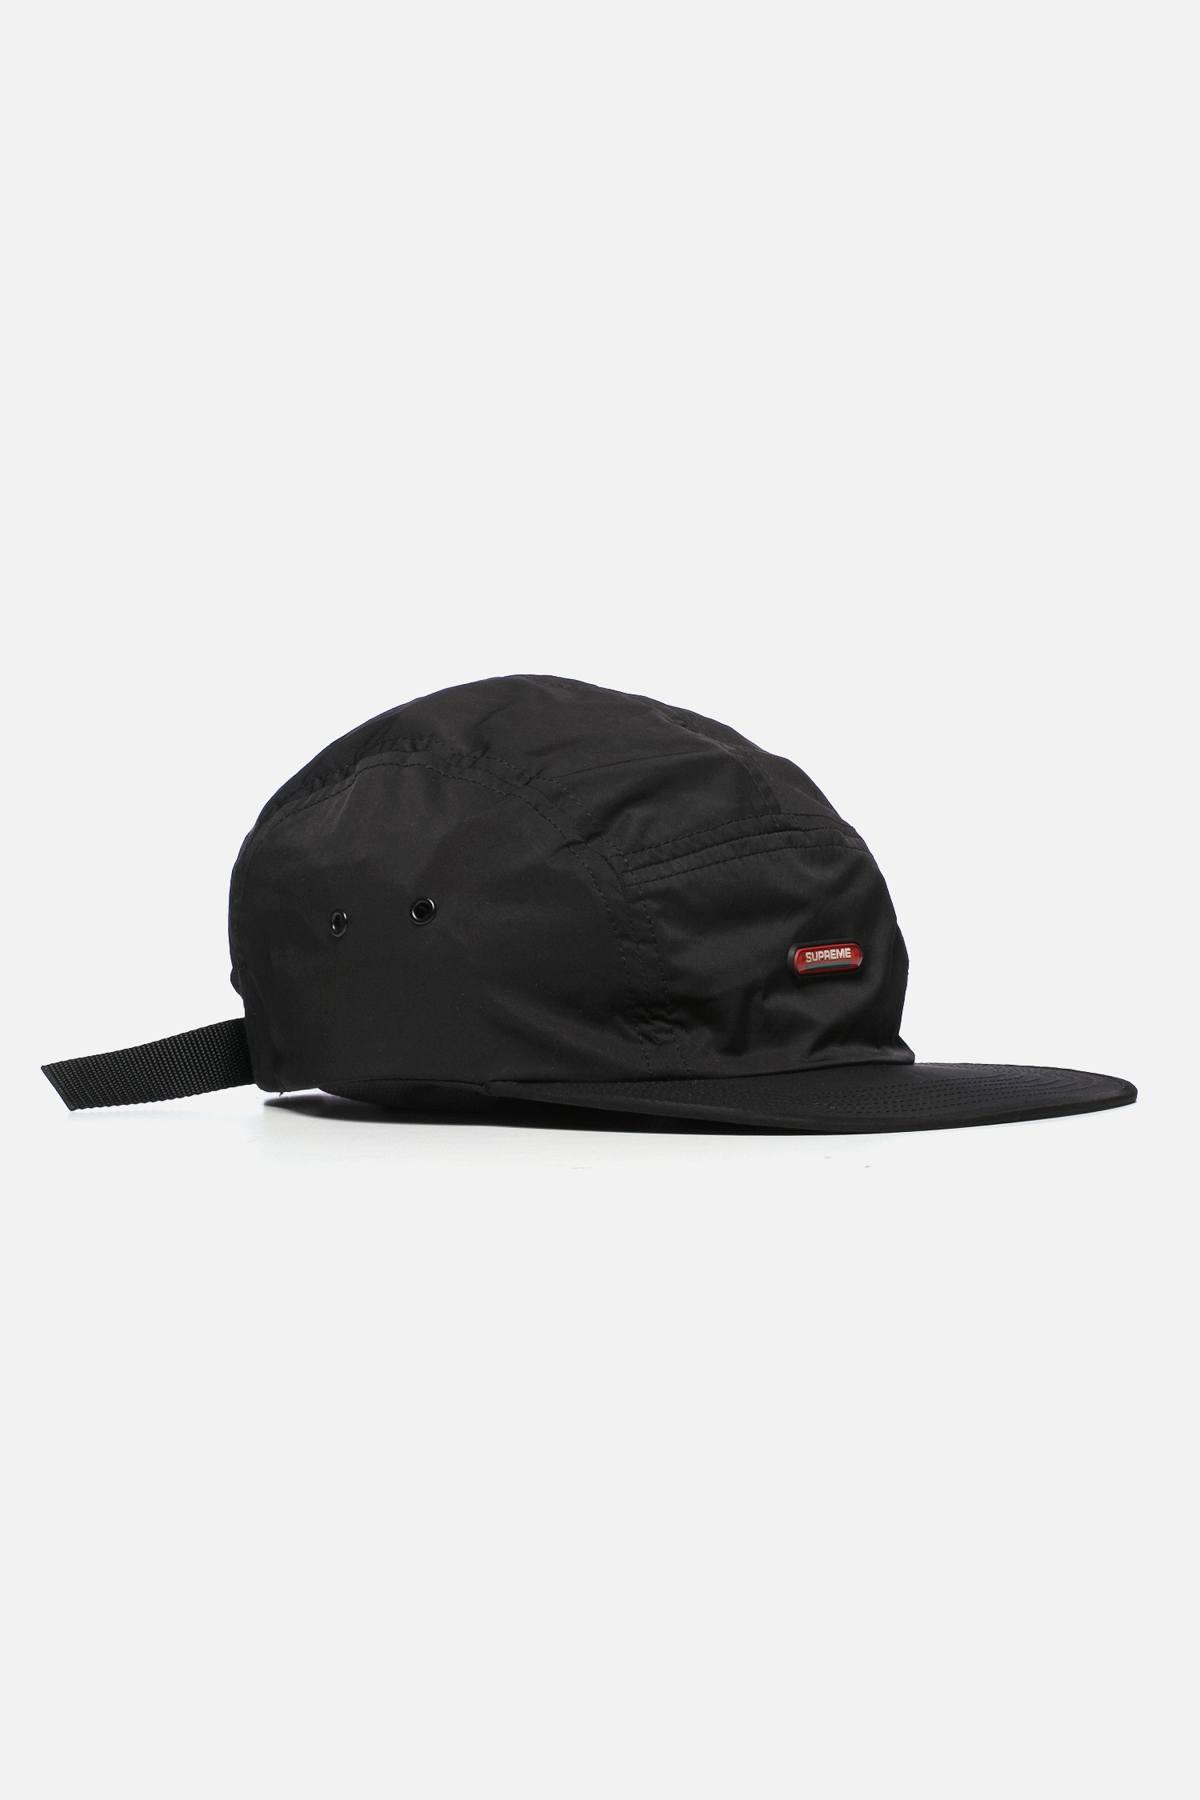 2018 SUPREME CLEAR PATCH CAMP CAP